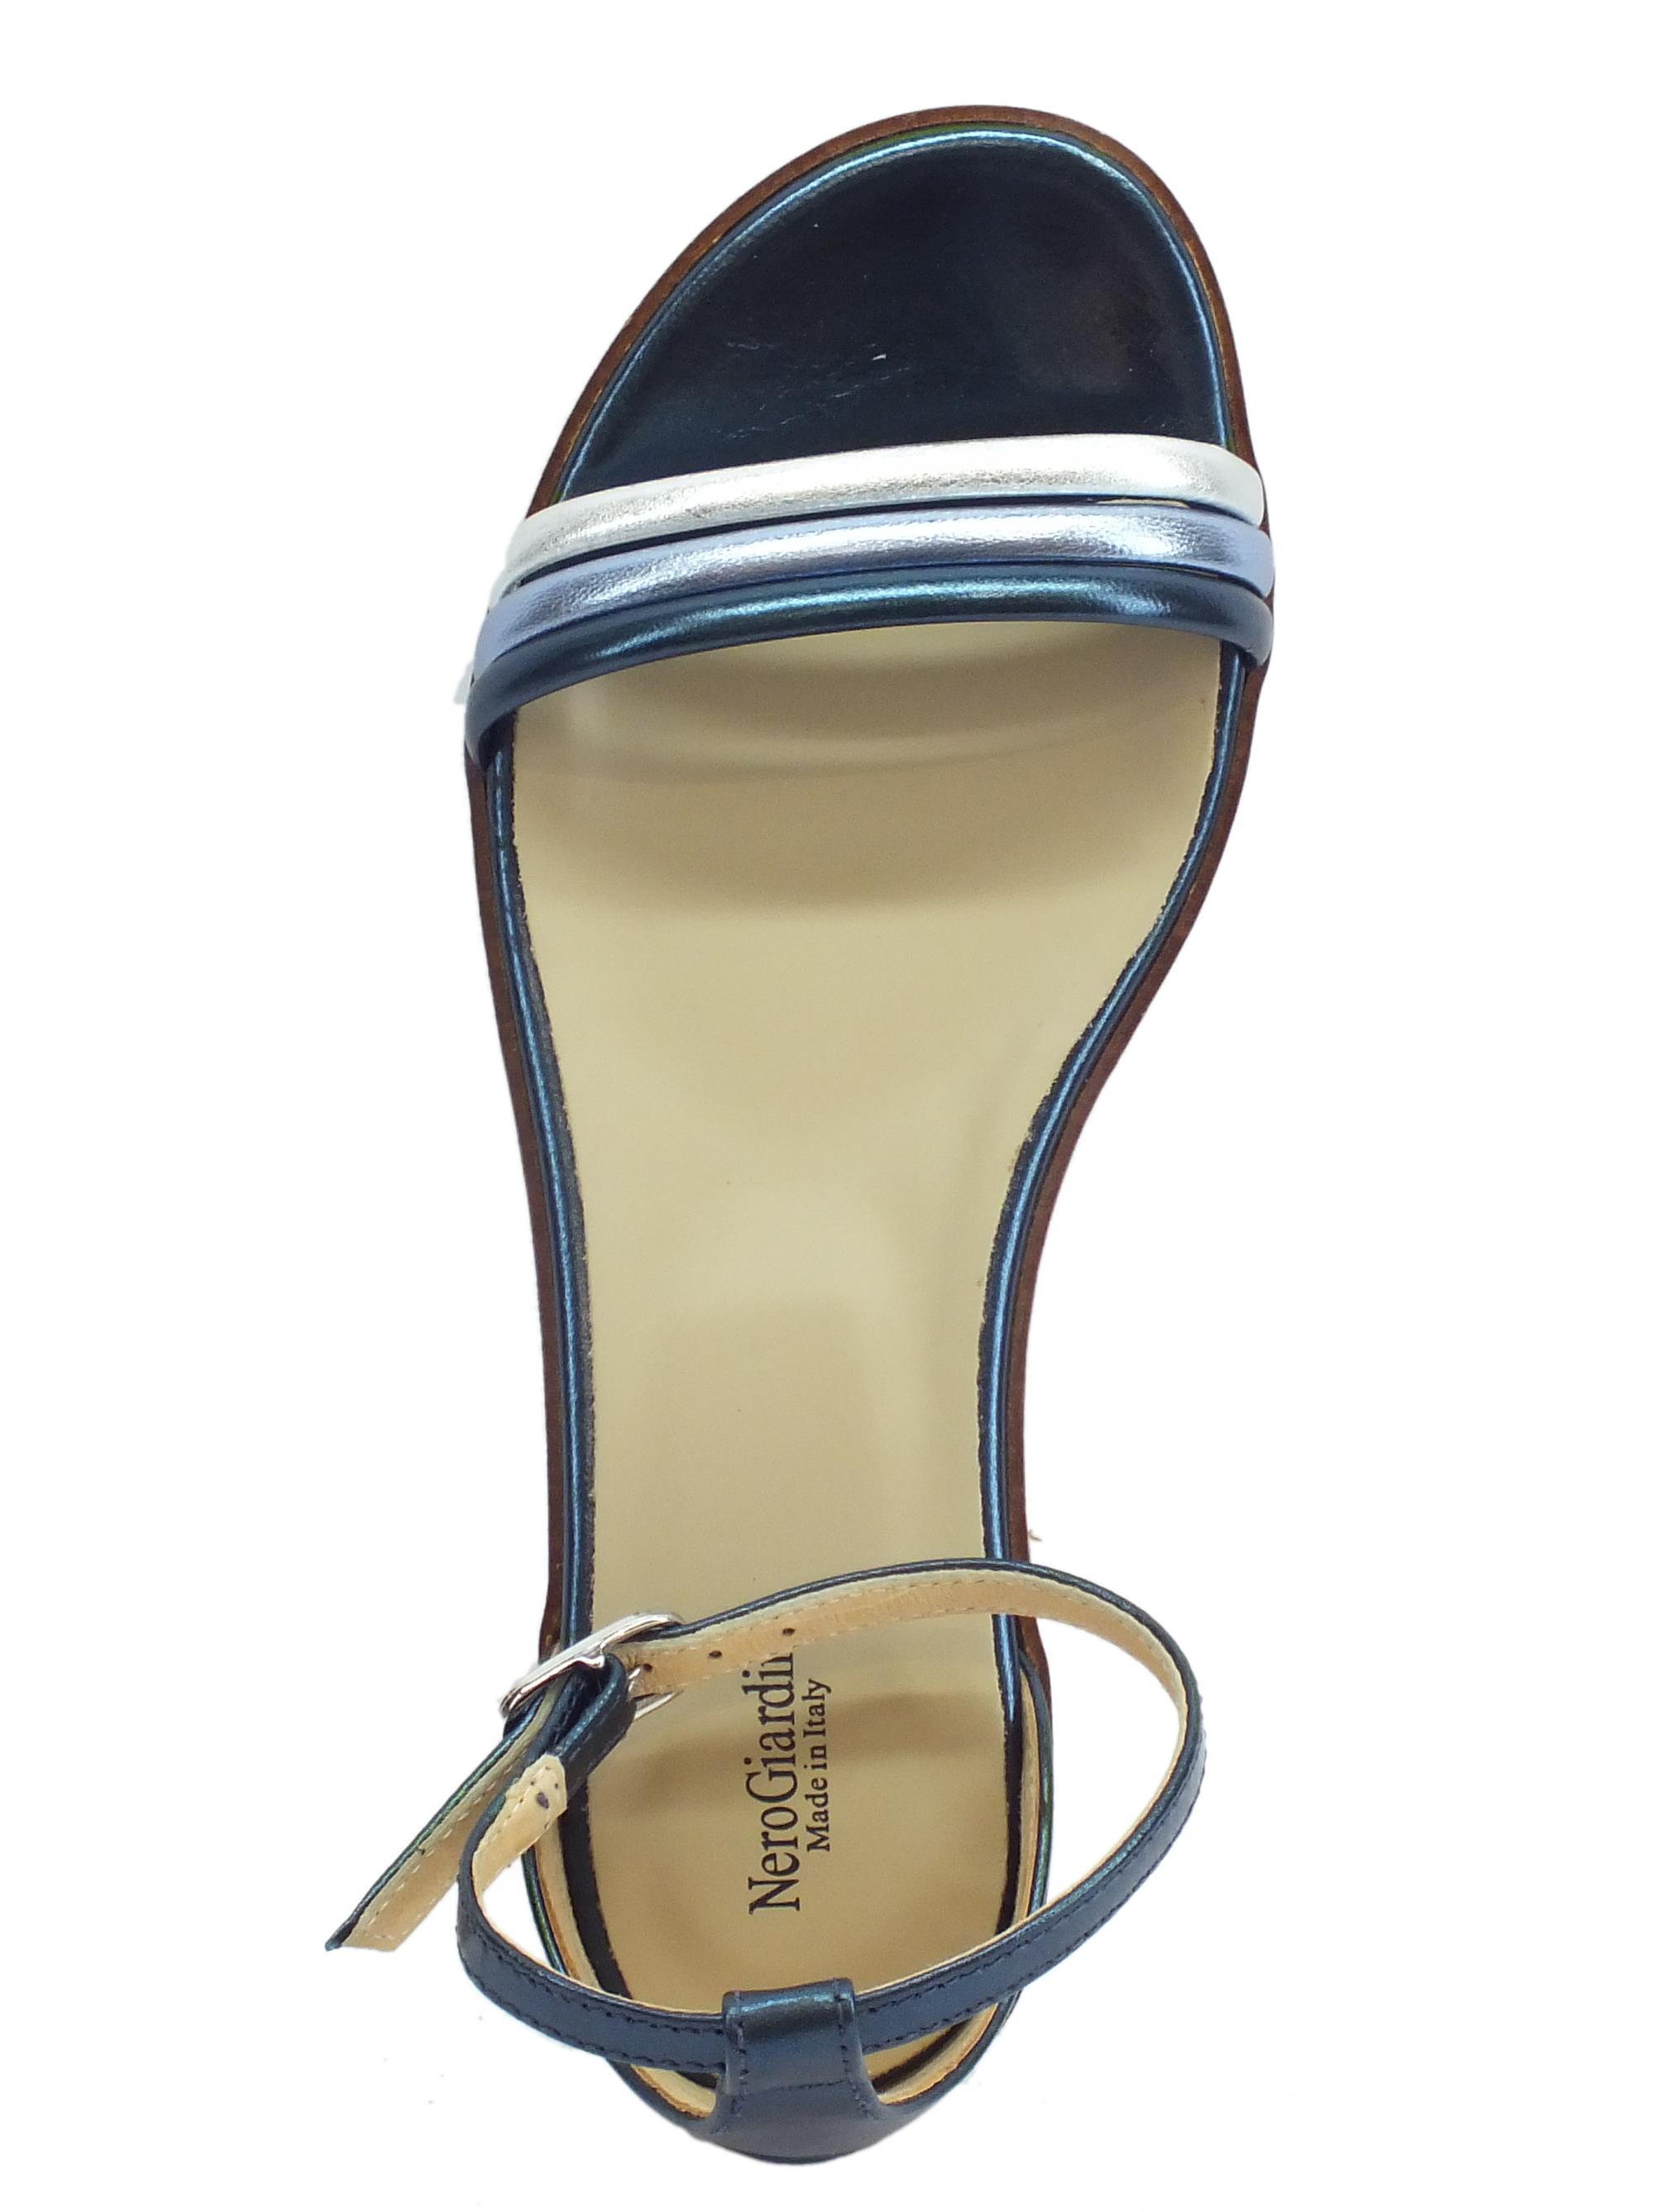 ... Sandali donna NeroGiardini in laminato blu e argento tacco basso 2a2168a6db2